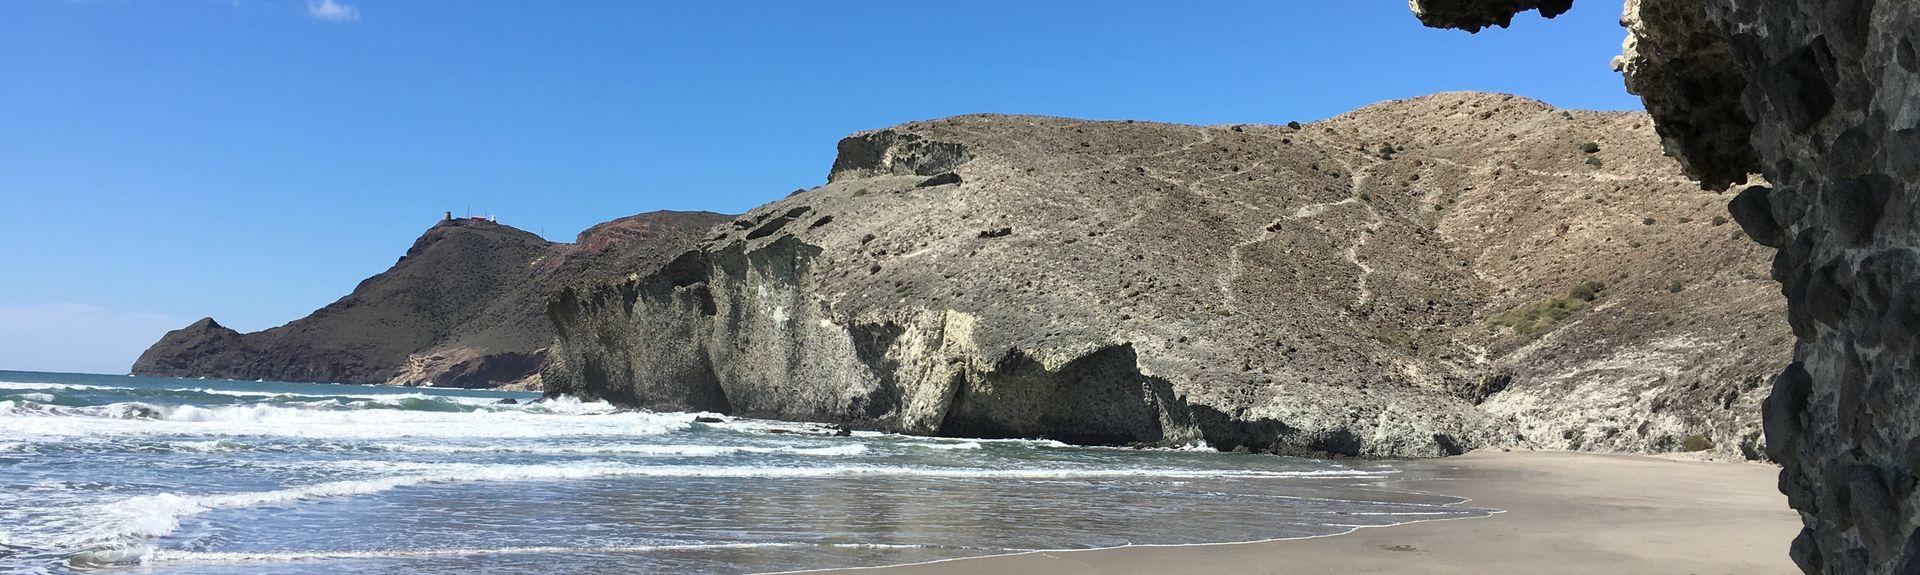 Playa de los Muertos, Carboneras, Andalusia, Spain